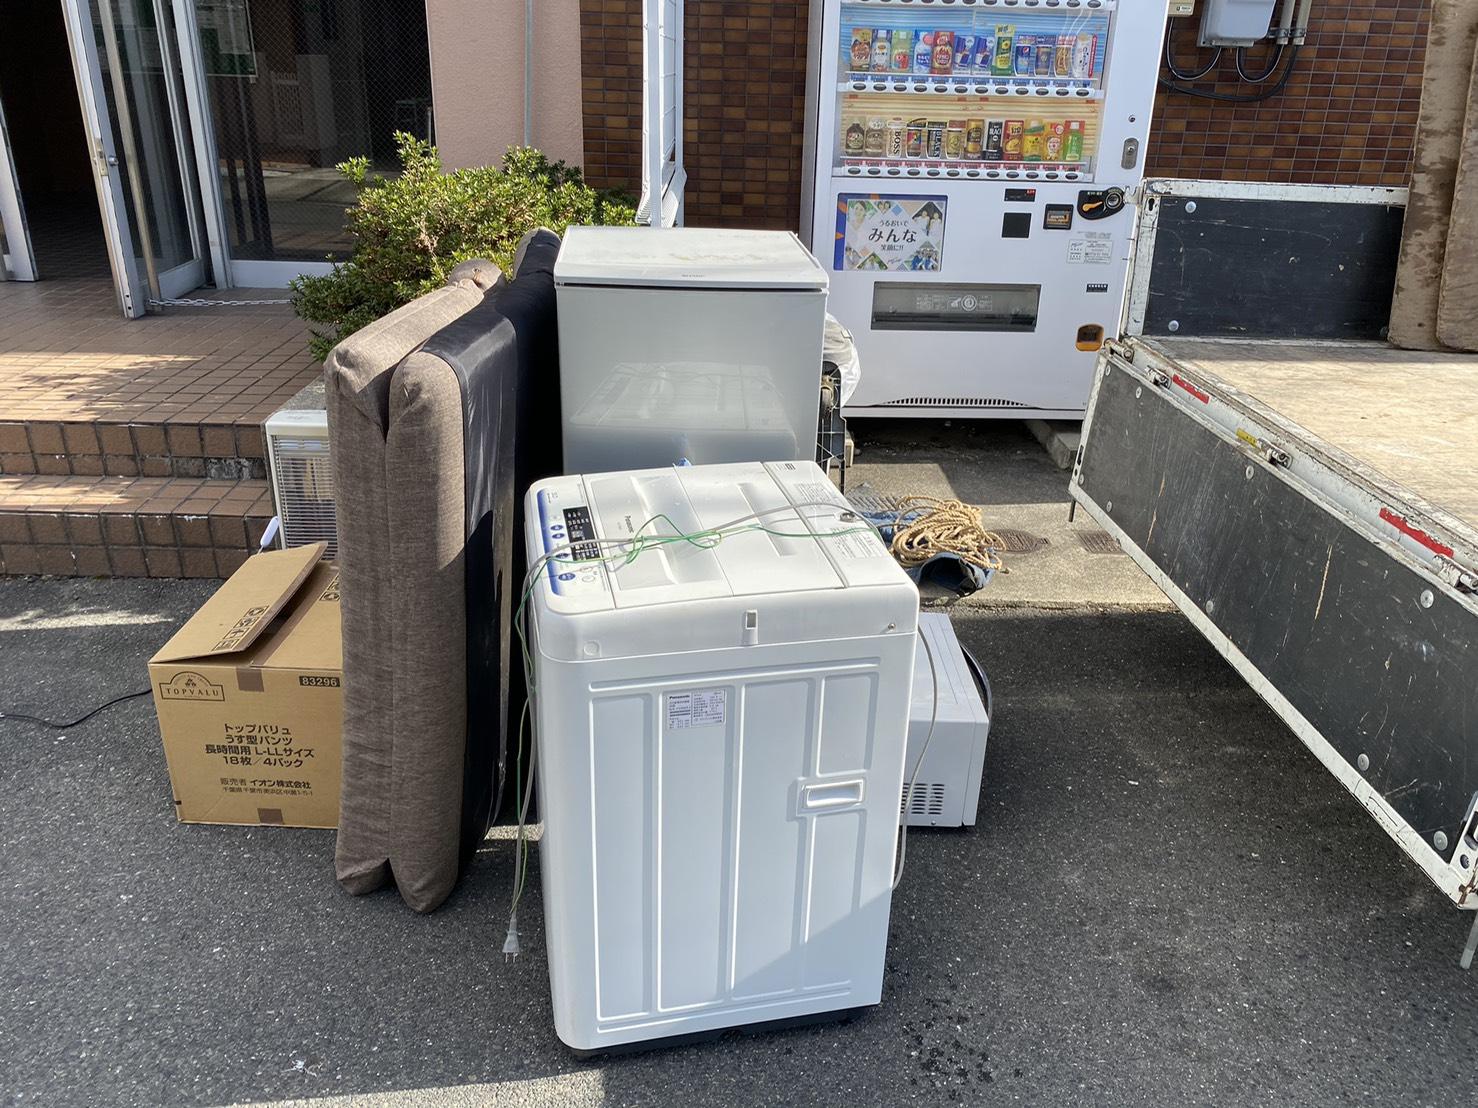 冷蔵庫、洗濯機などの不用品の回収前